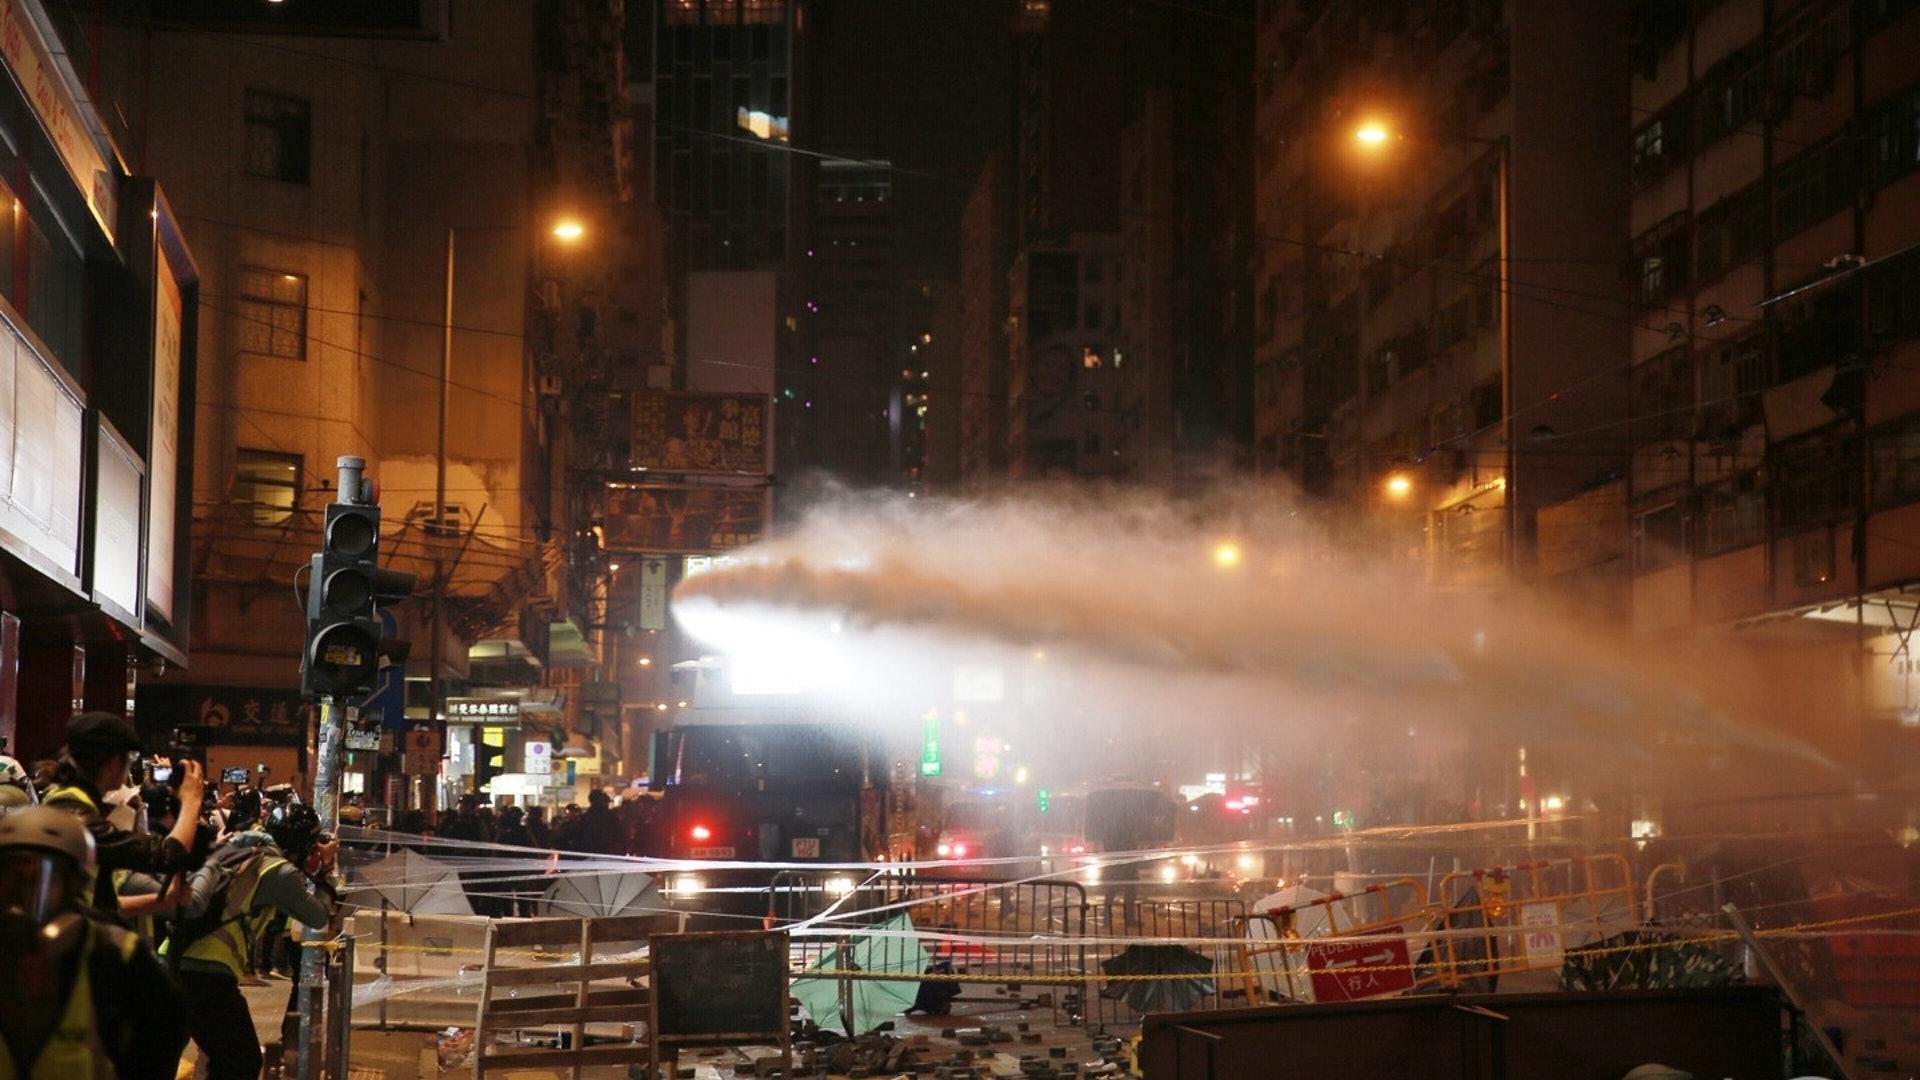 防暴警向前推进,水炮车射水。(HK01)